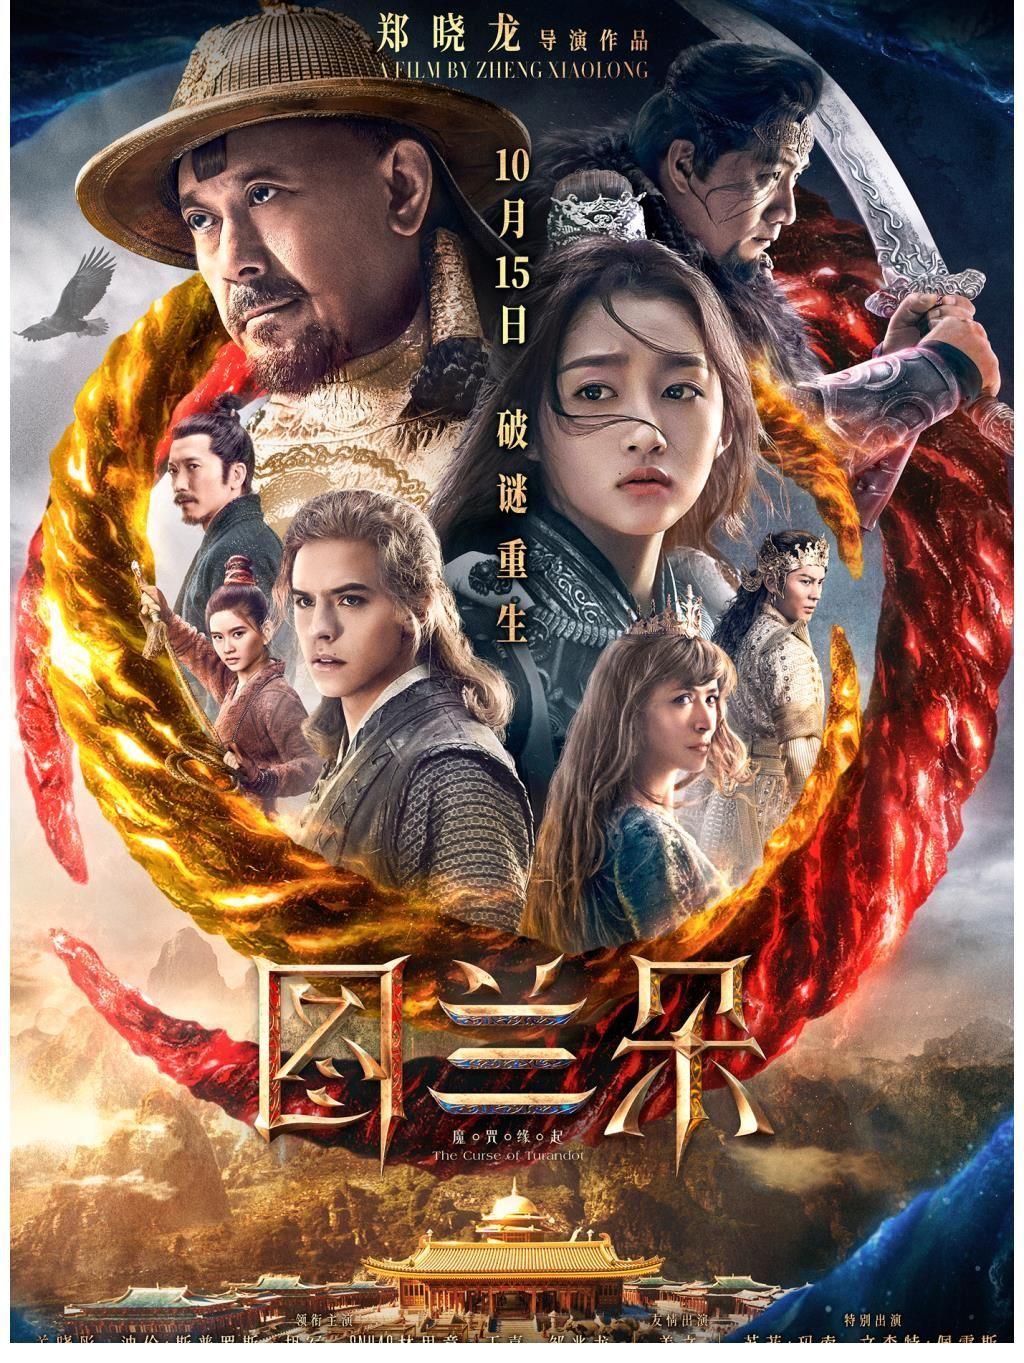 《图兰朵:魔咒缘起》电影百度云(1280P网盘共享)超清晰画质